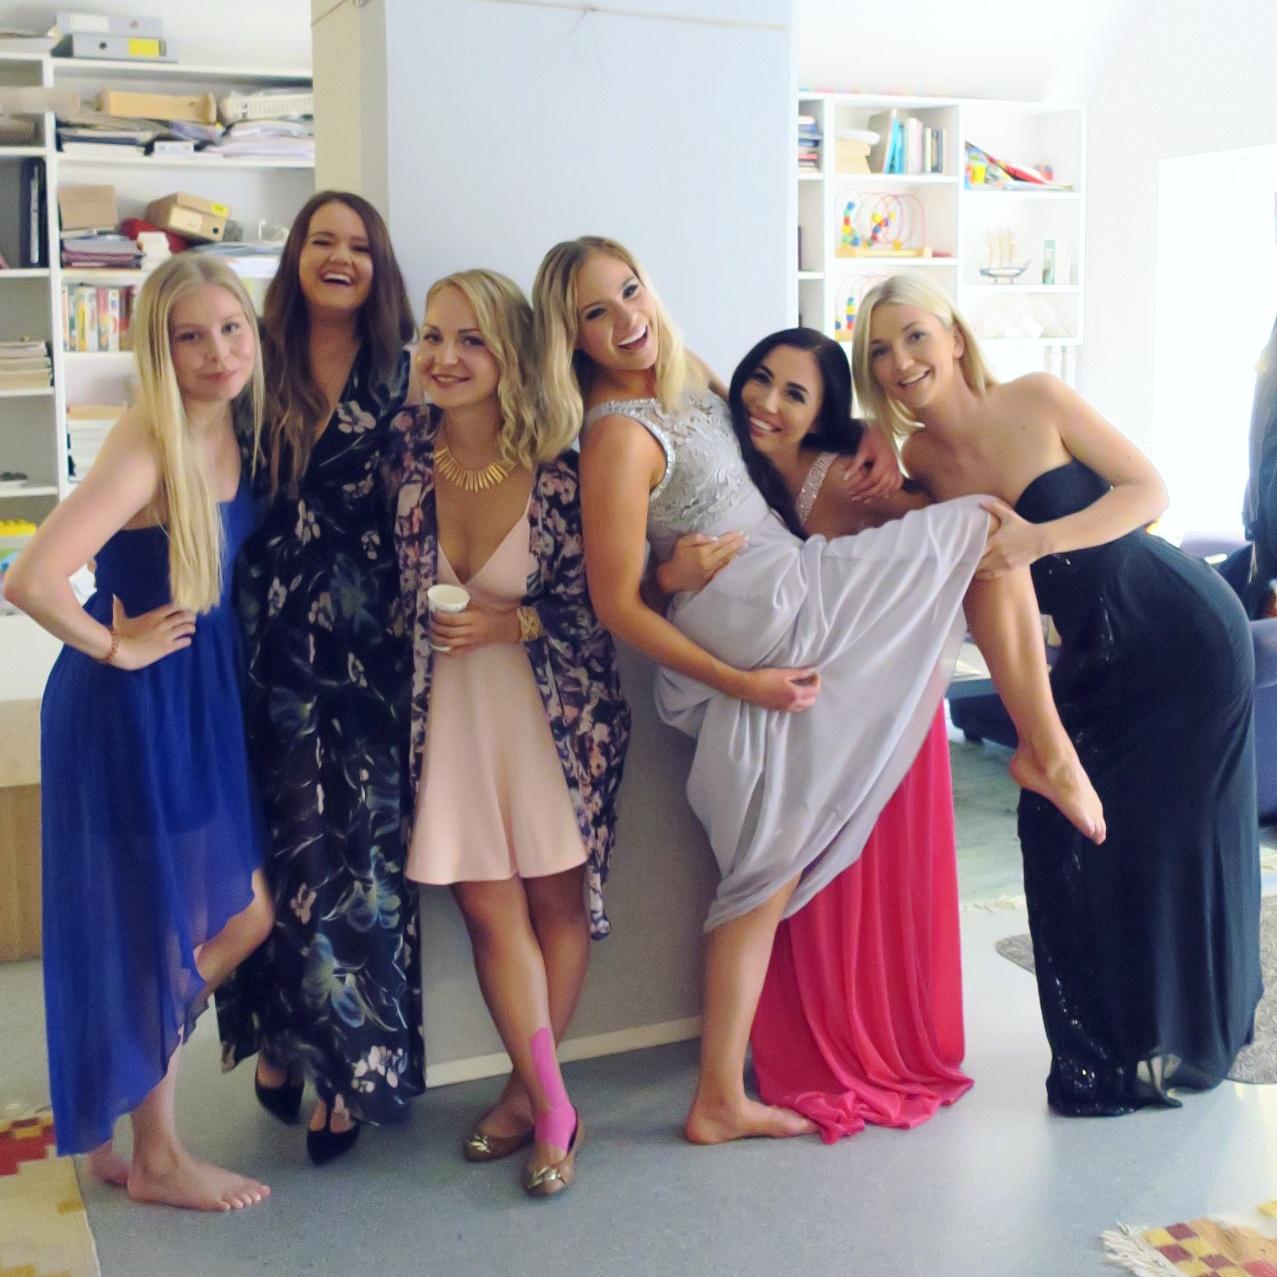 Niin kauniita ja ihania tyttöjä!